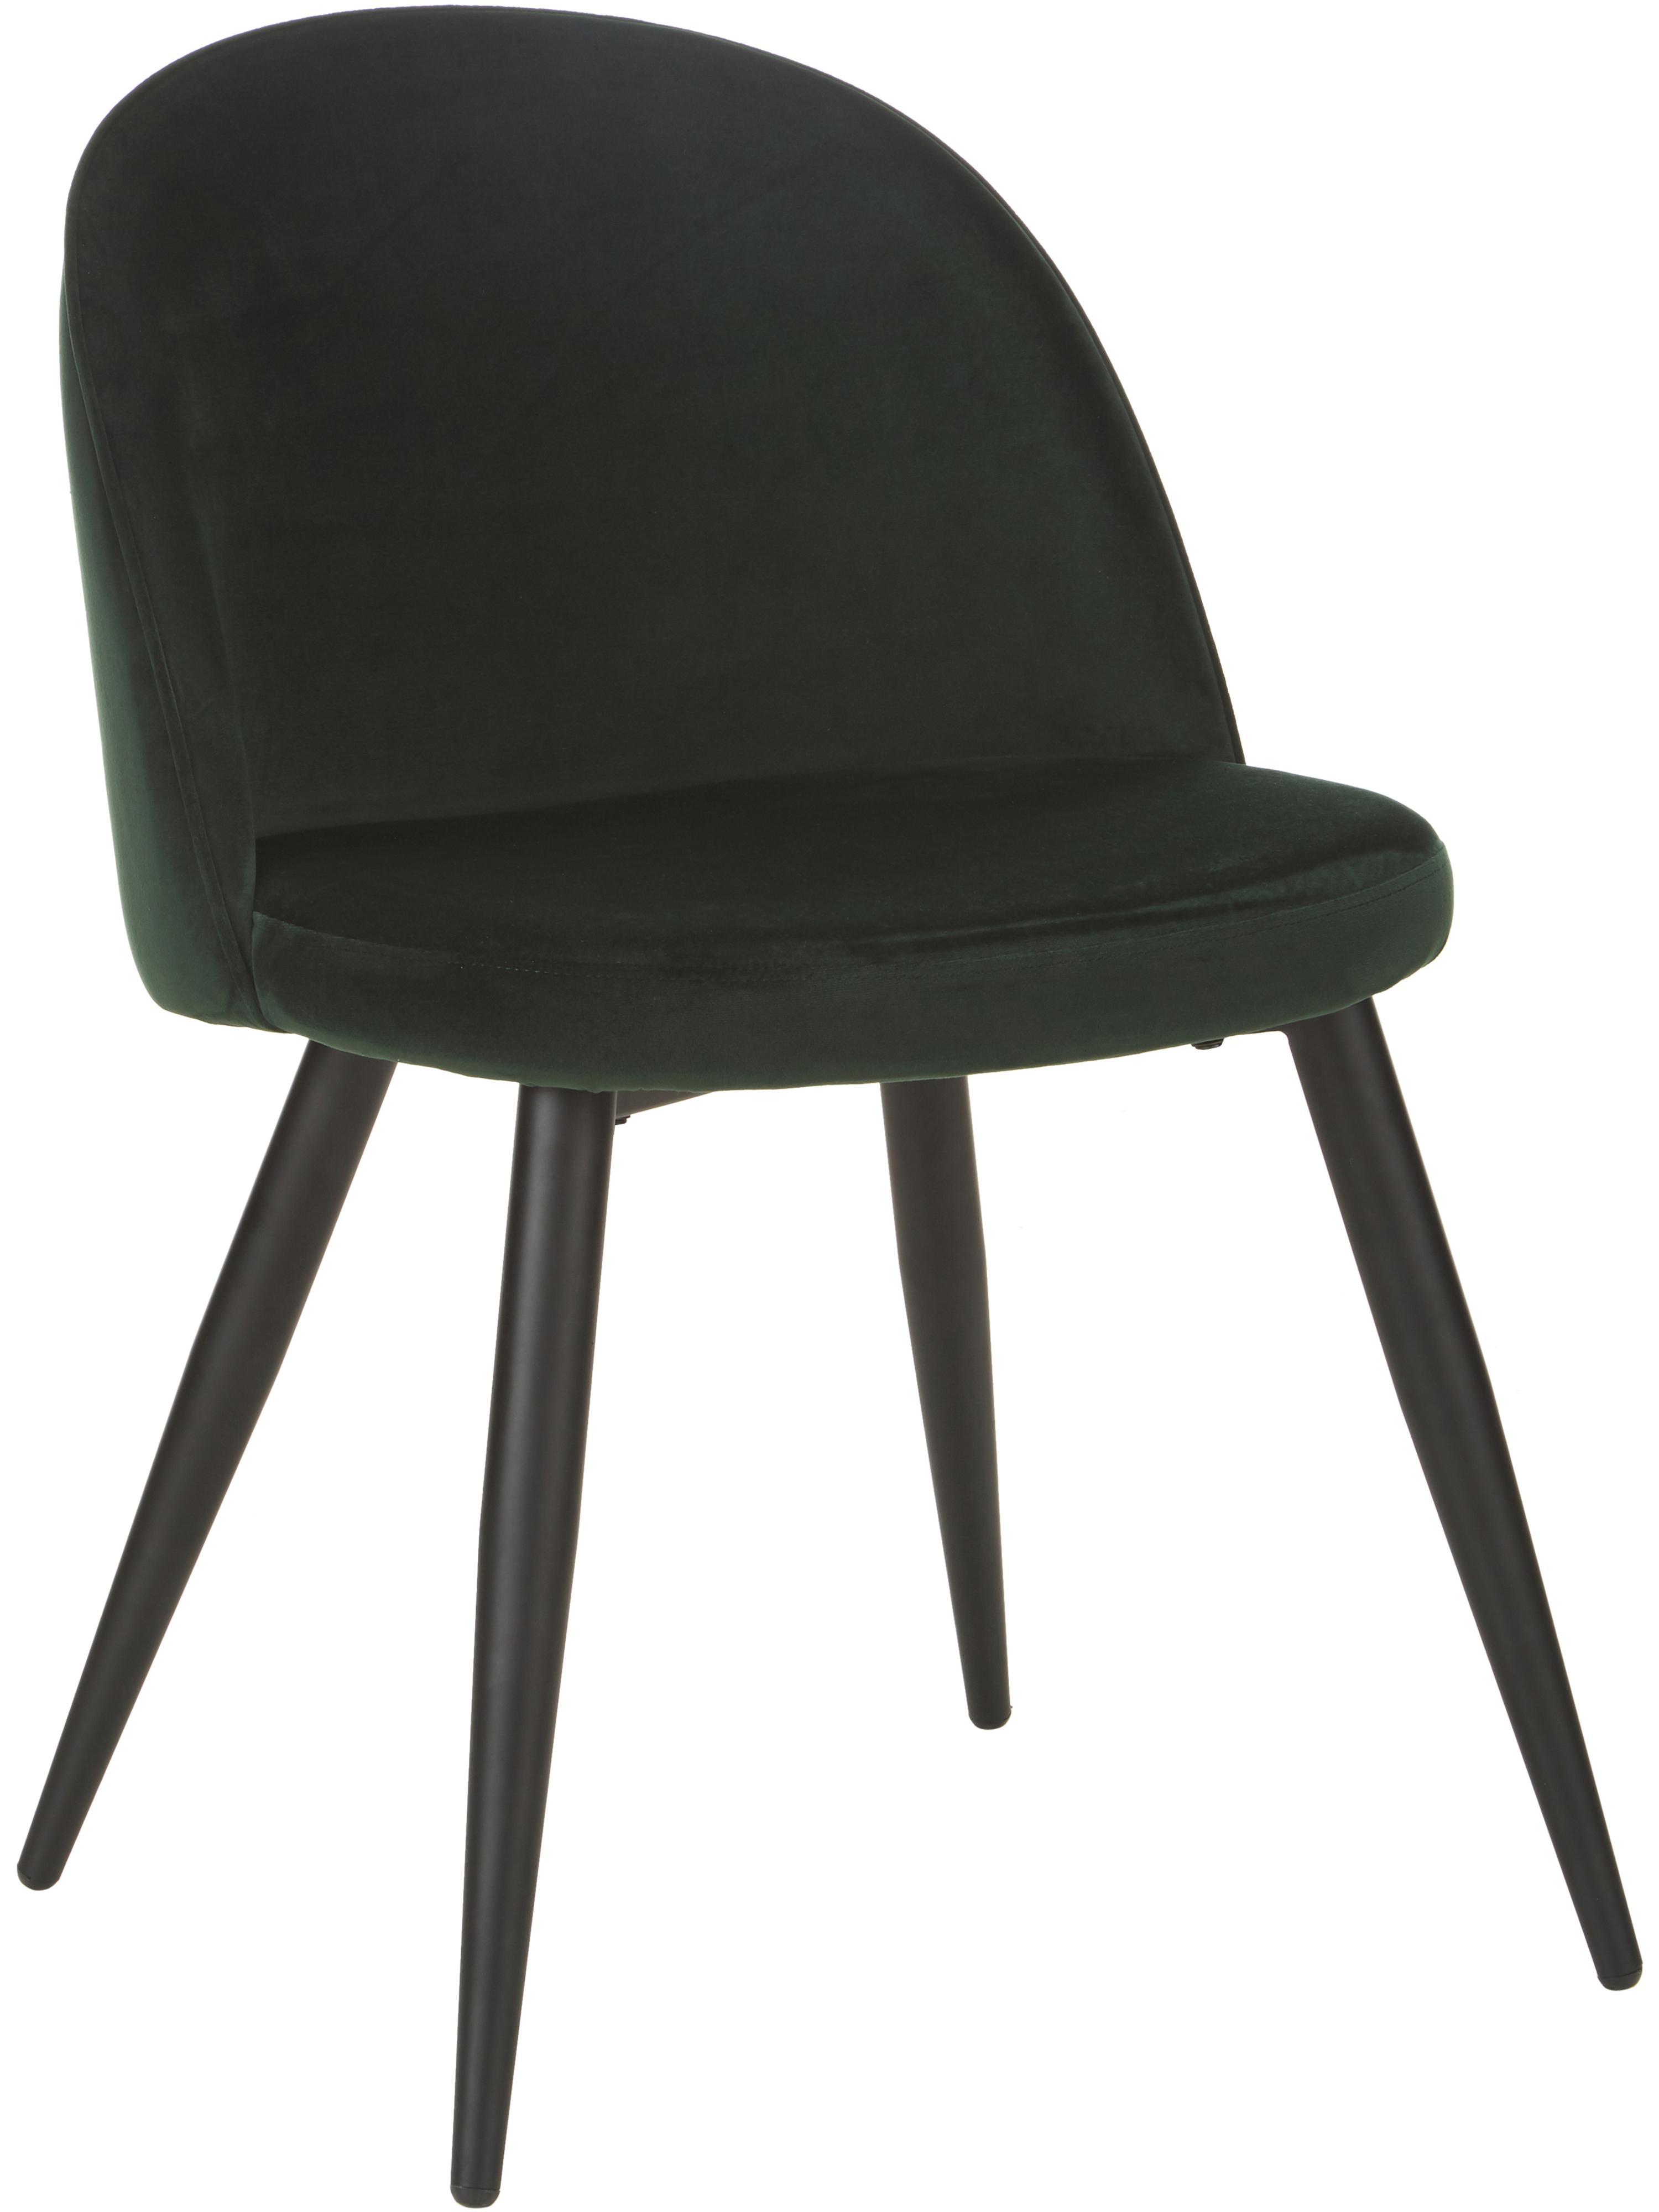 Krzesło tapicerowane z aksamitu Amy, 2 szt., Tapicerka: aksamit (poliester) 2500, Nogi: metal malowany proszkowo, Zielony, S 47 x G 55 cm